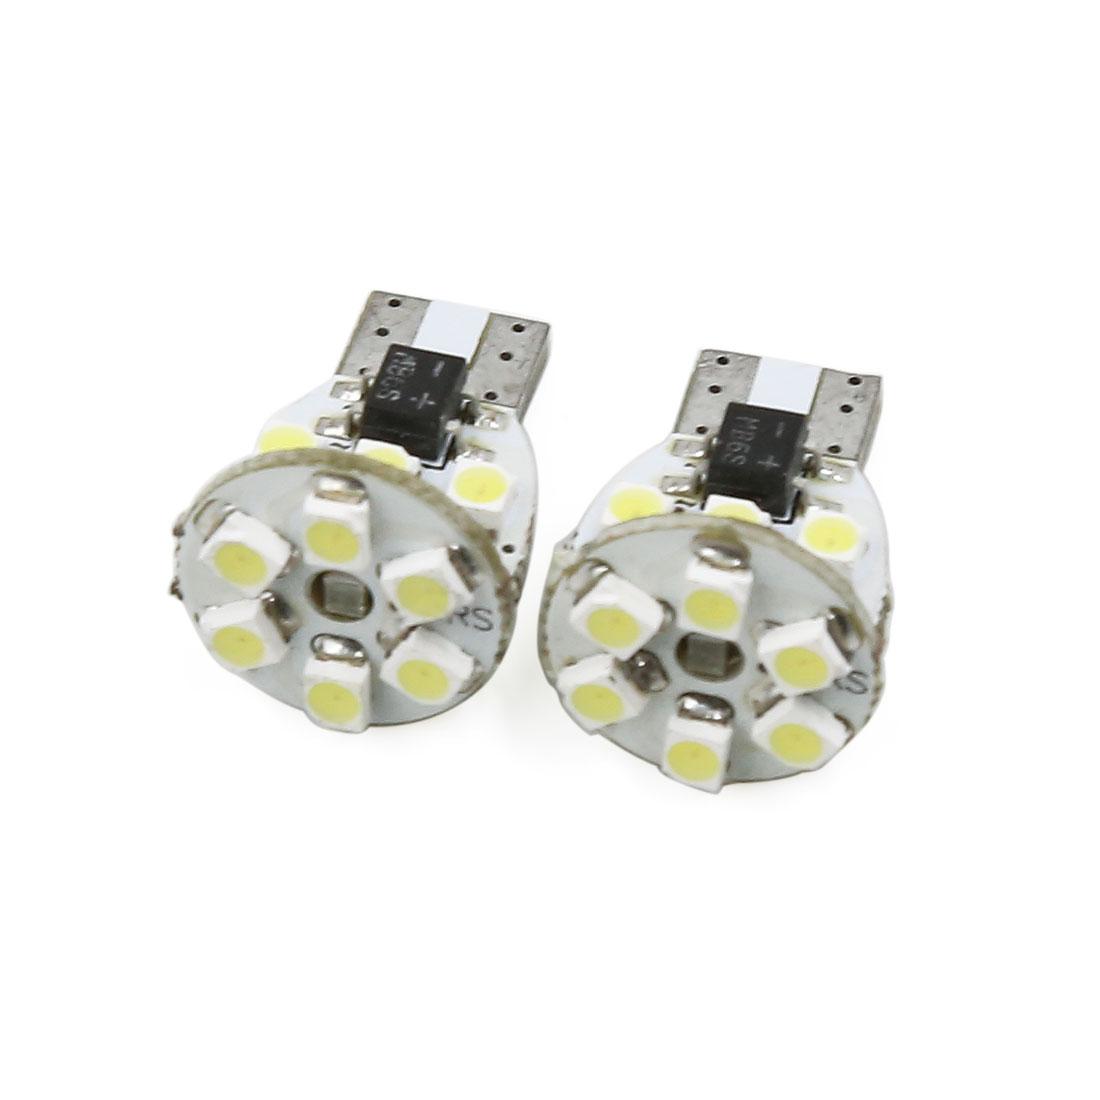 Auto Car T10 White 1210 SMD 12 LED Instrument Light Bulb Lamp 2 Pcs Interior